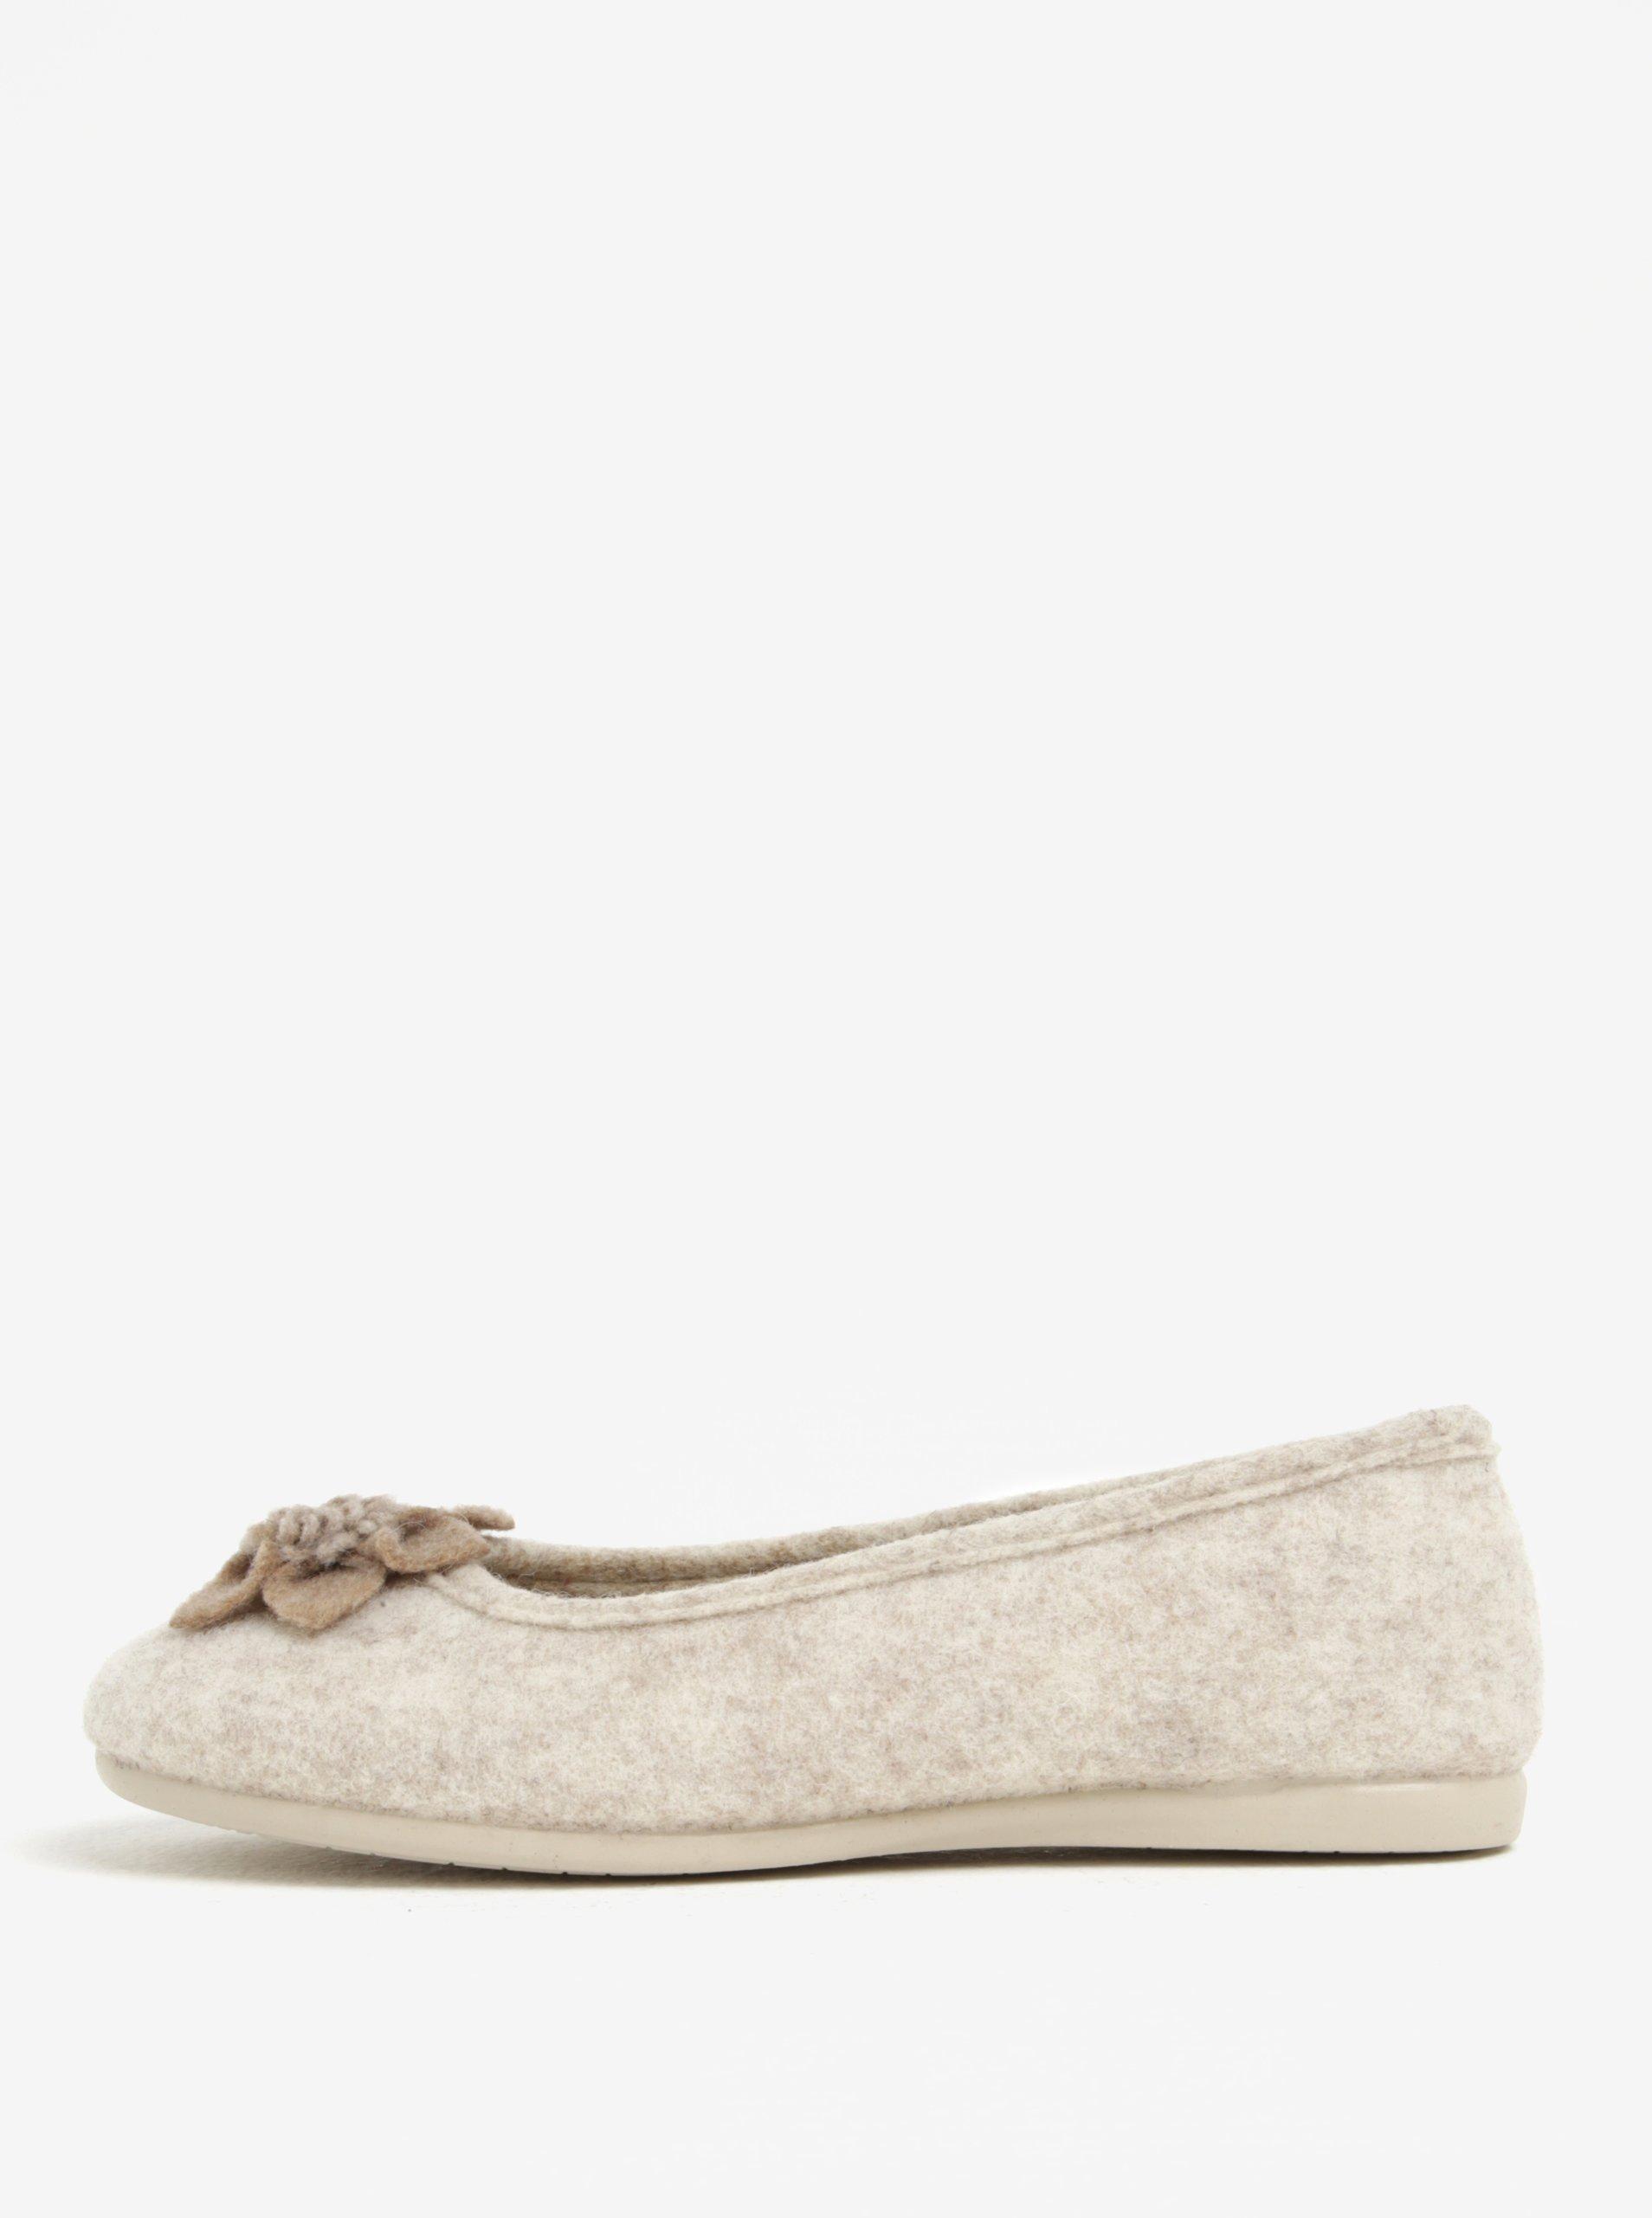 Béžové dámské papuče s aplikací OJJU